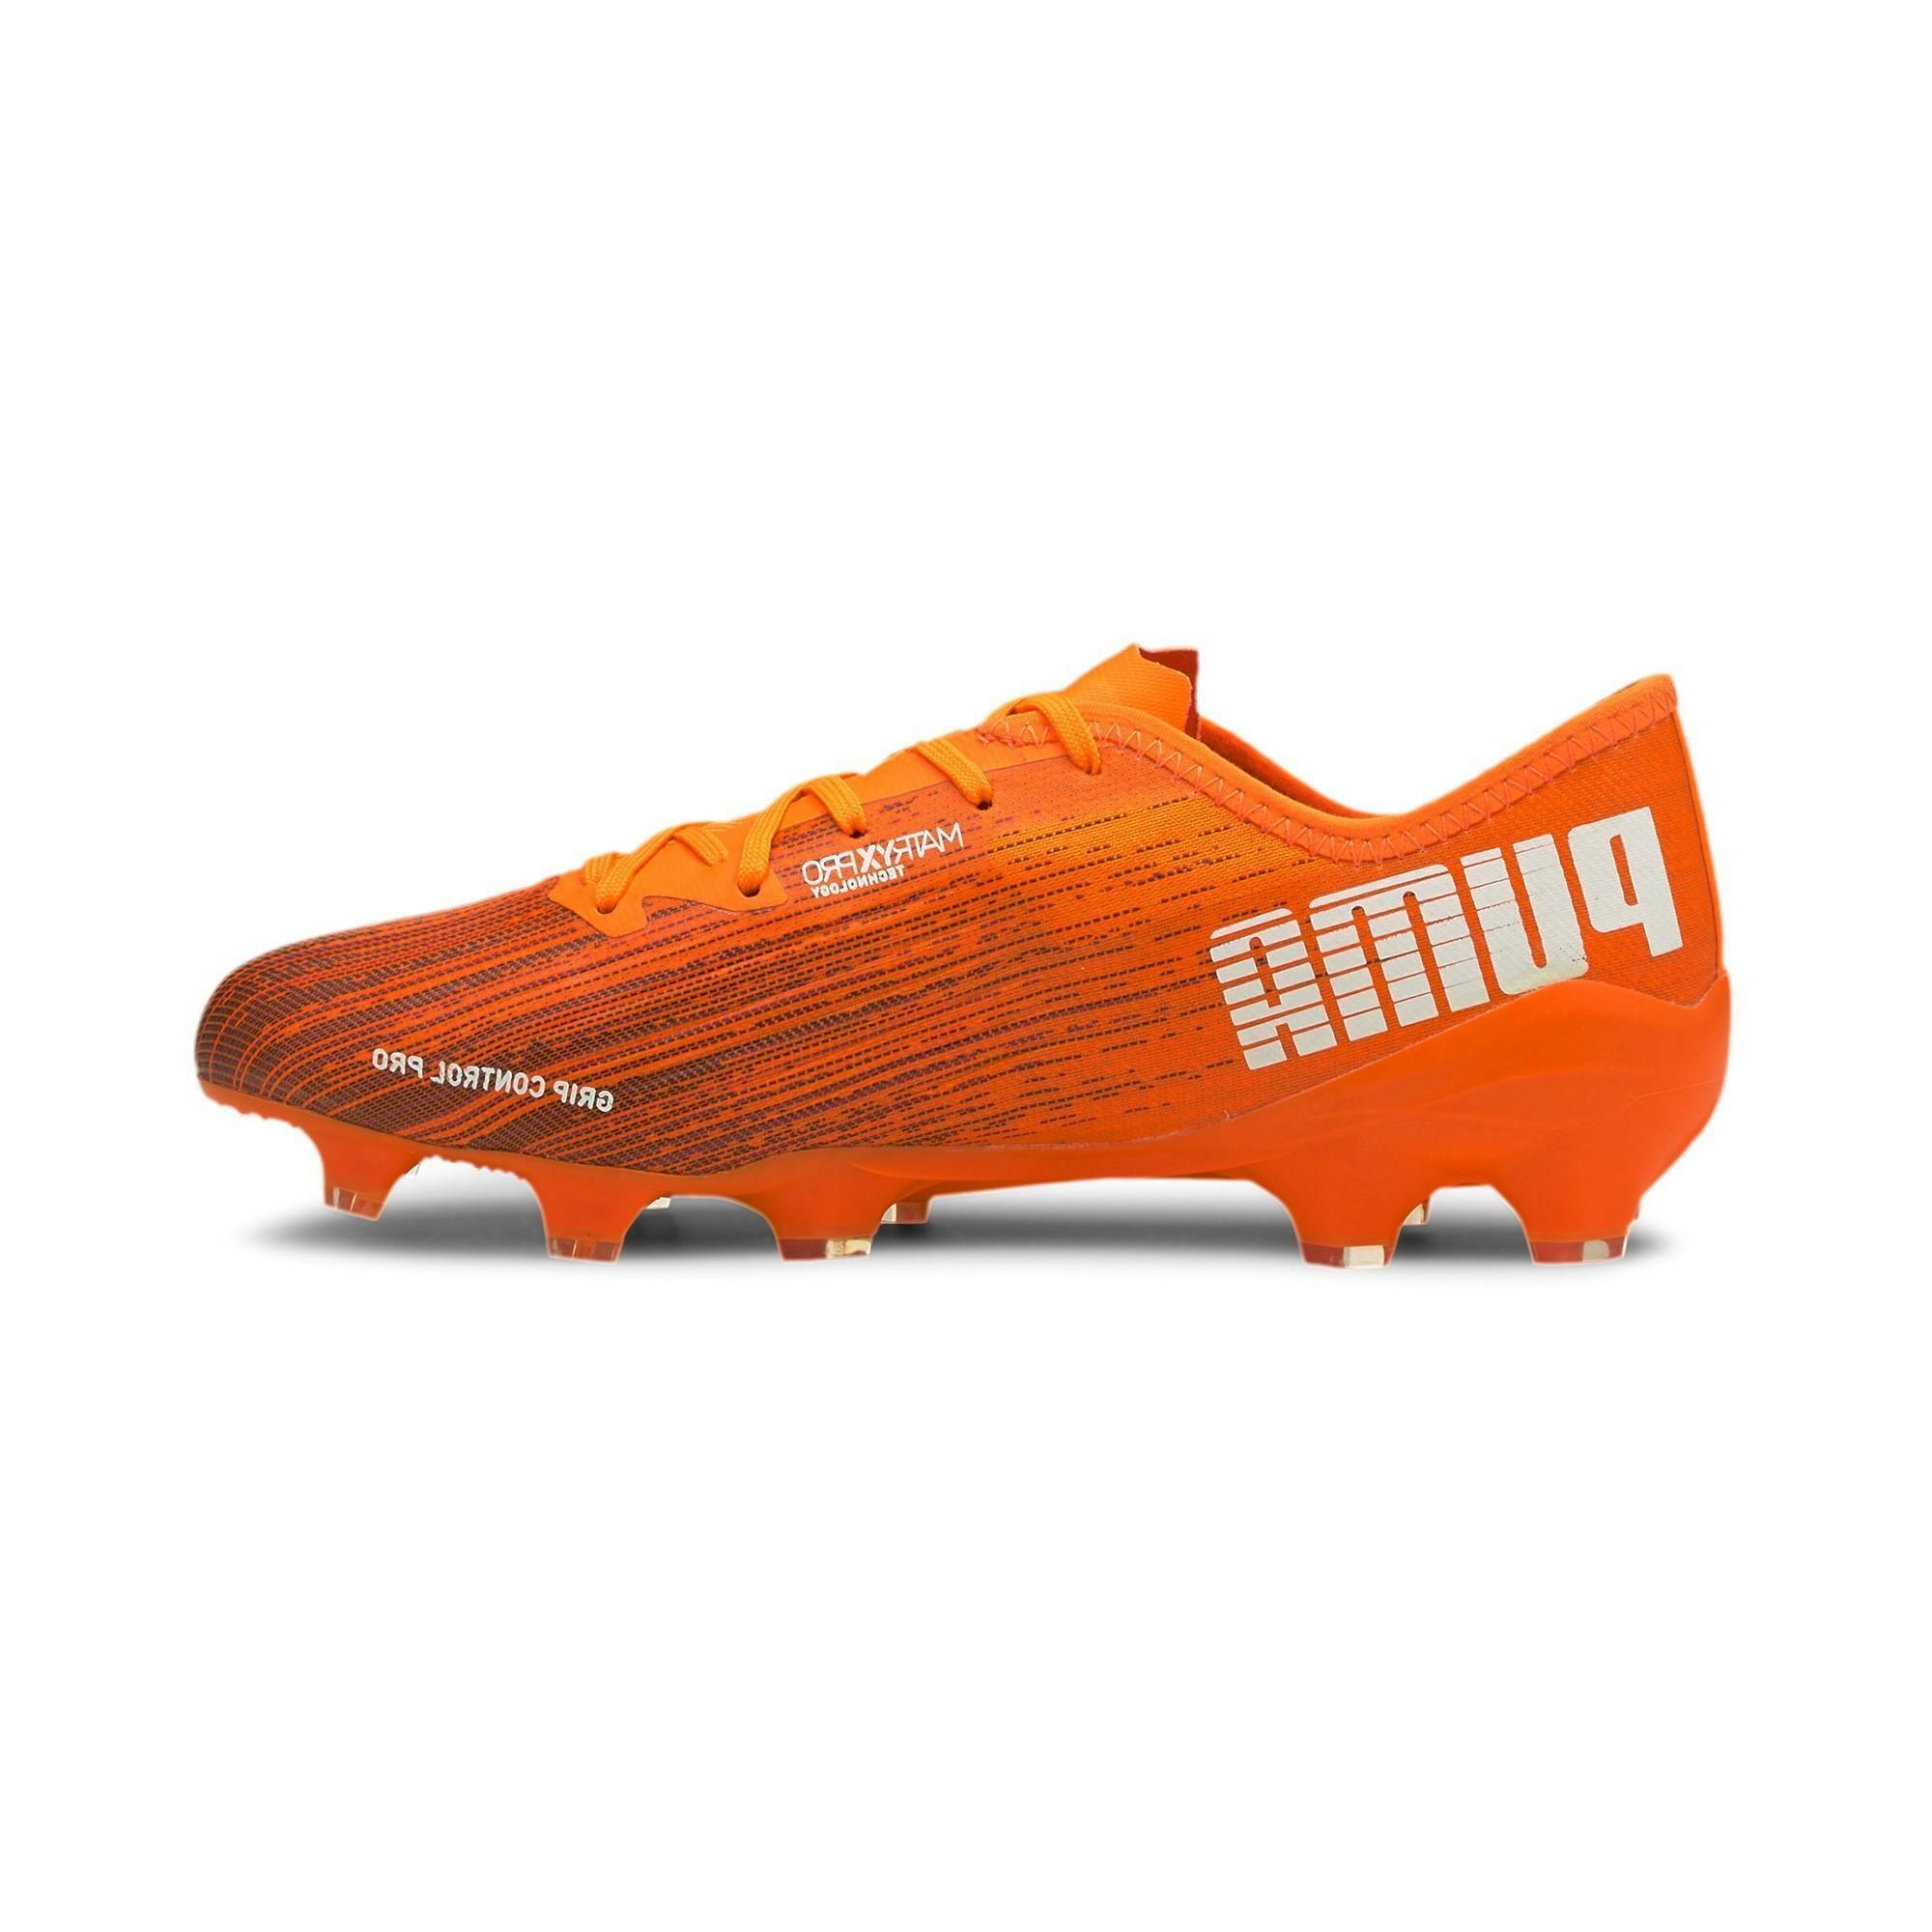 puma puma scarpa calcio ultra 2.1 fg/ag